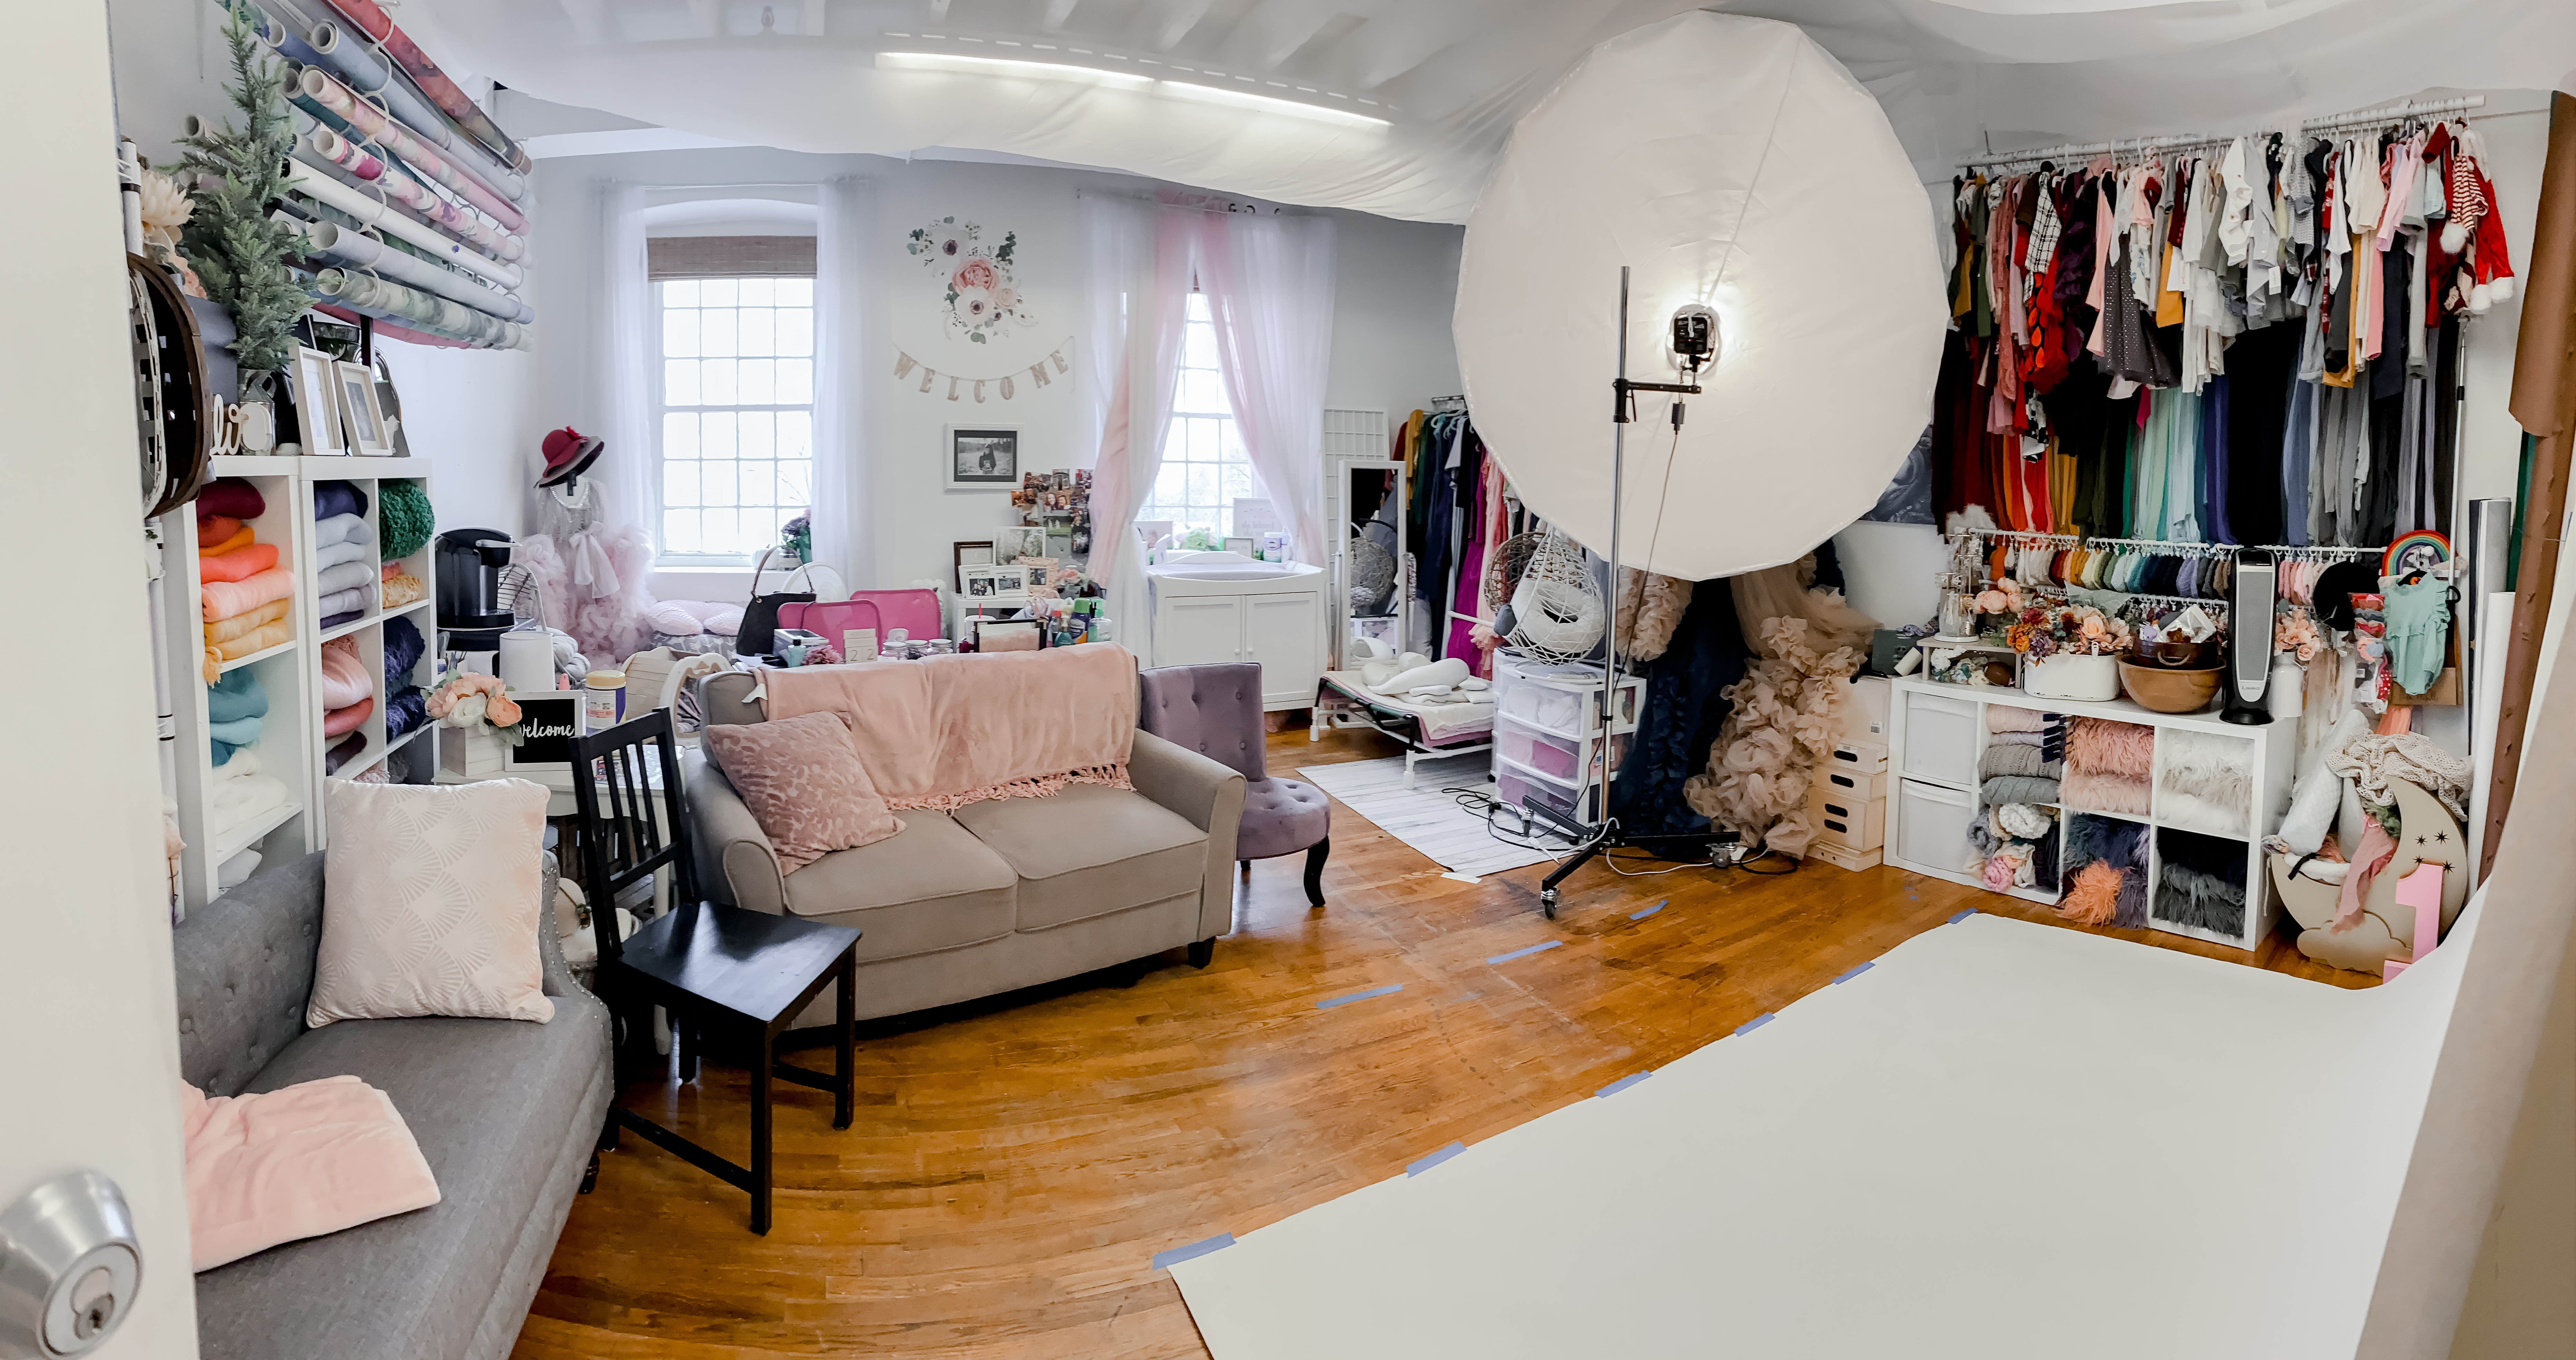 02-2021 Studio Pano